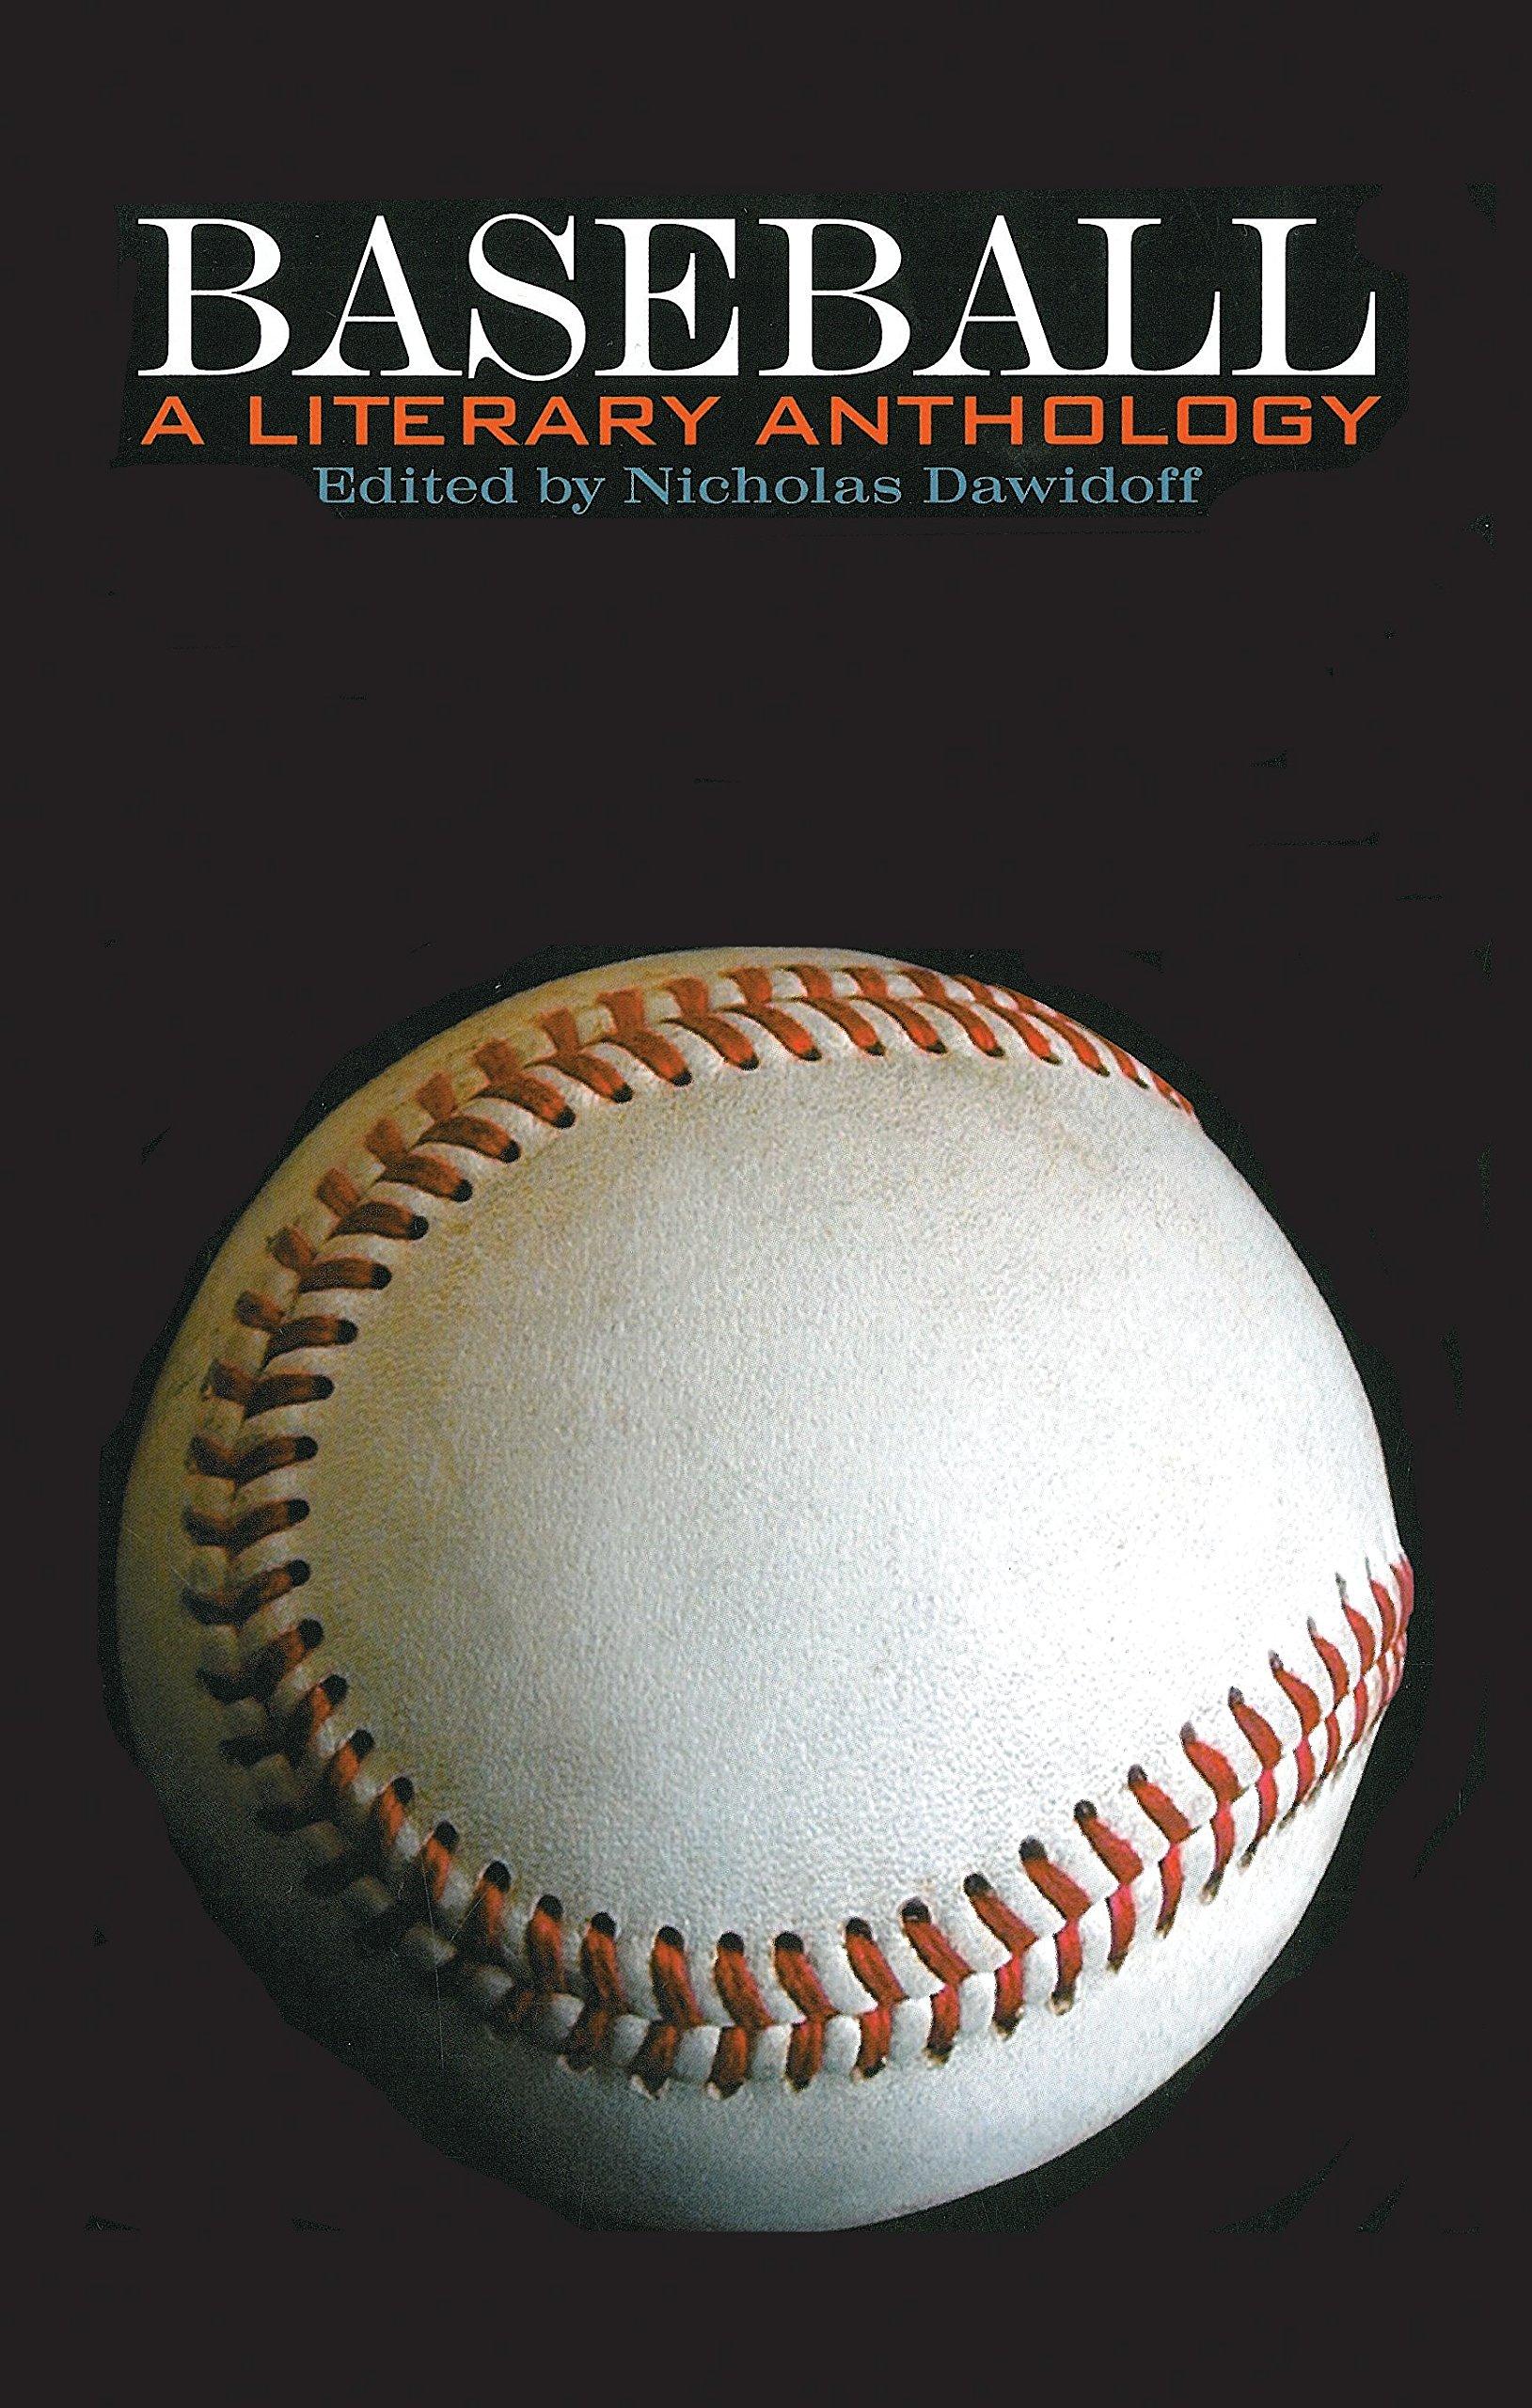 baseball-a-literary-anthology